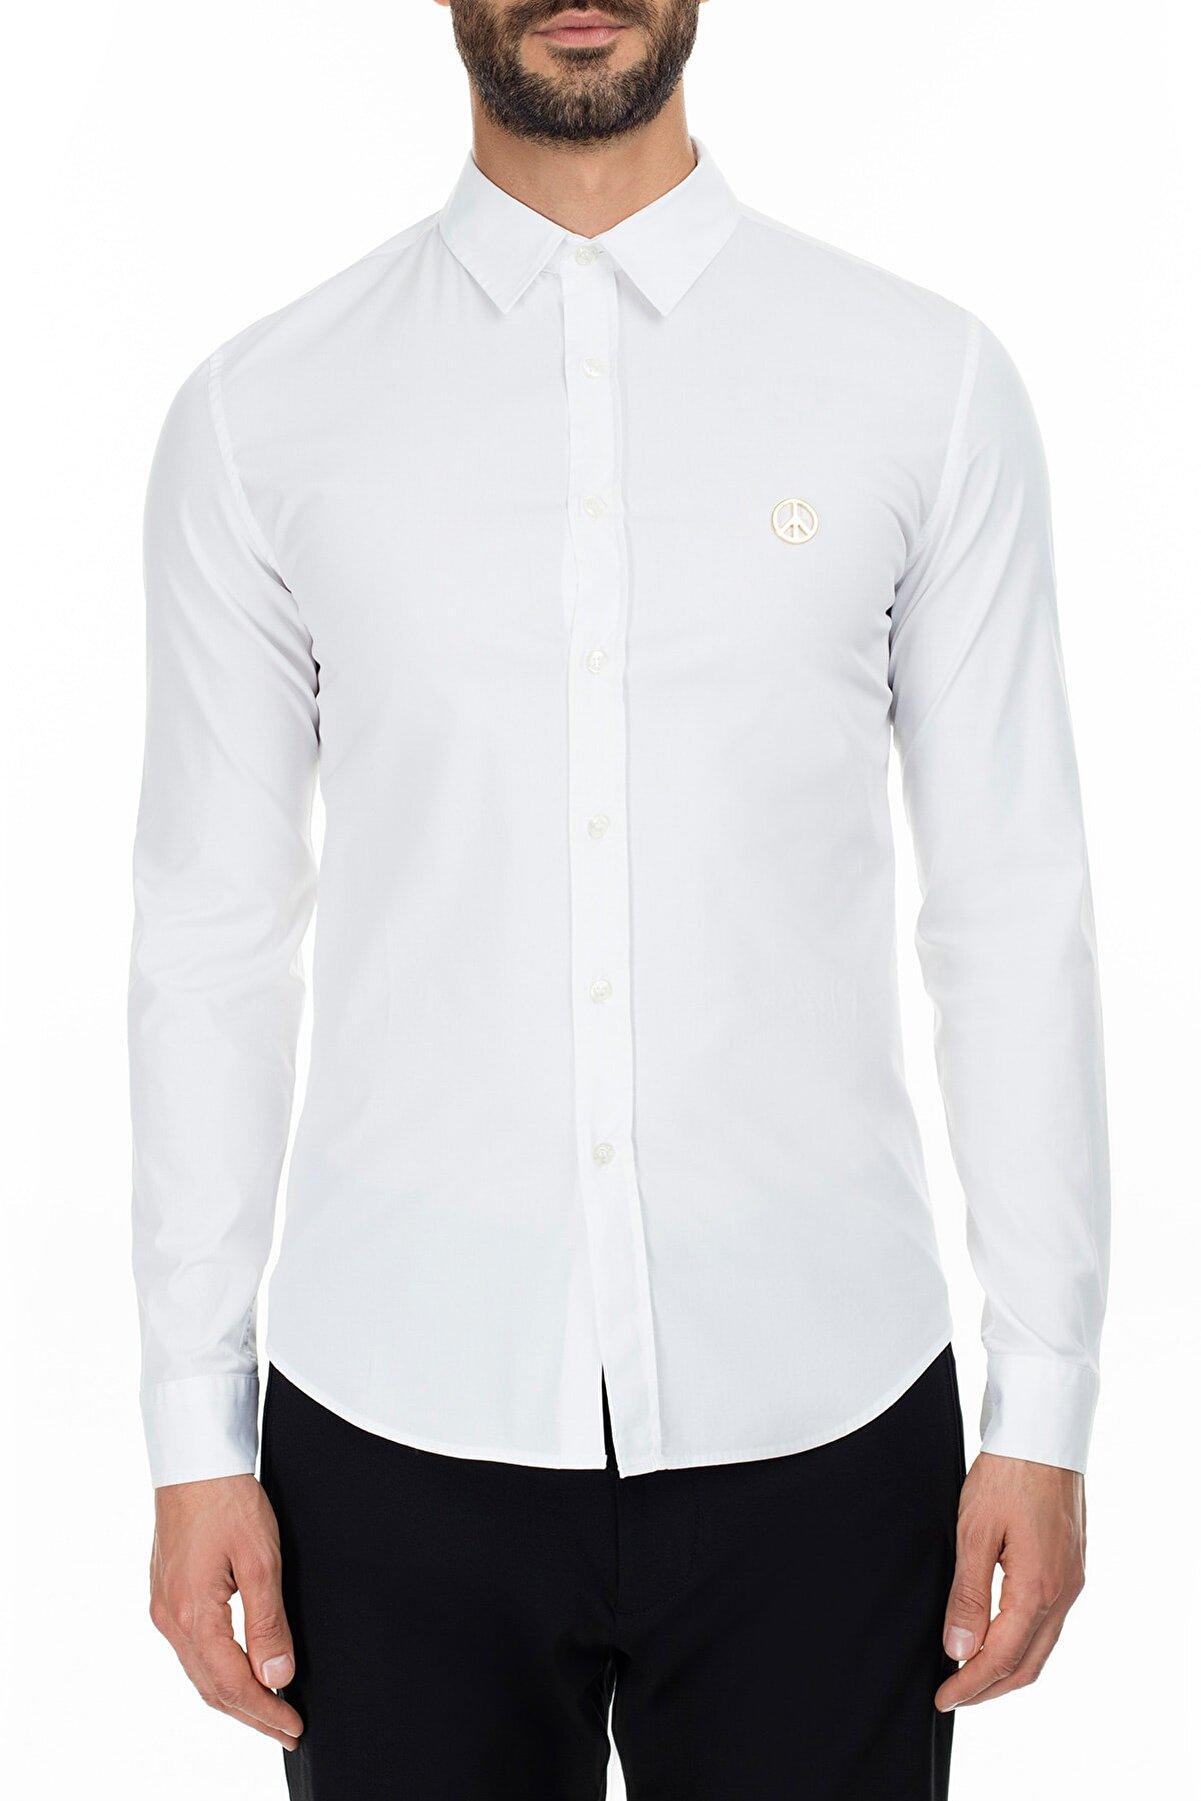 Moschino Erkek Beyaz Gömlek S Mc7308Is2891 A00